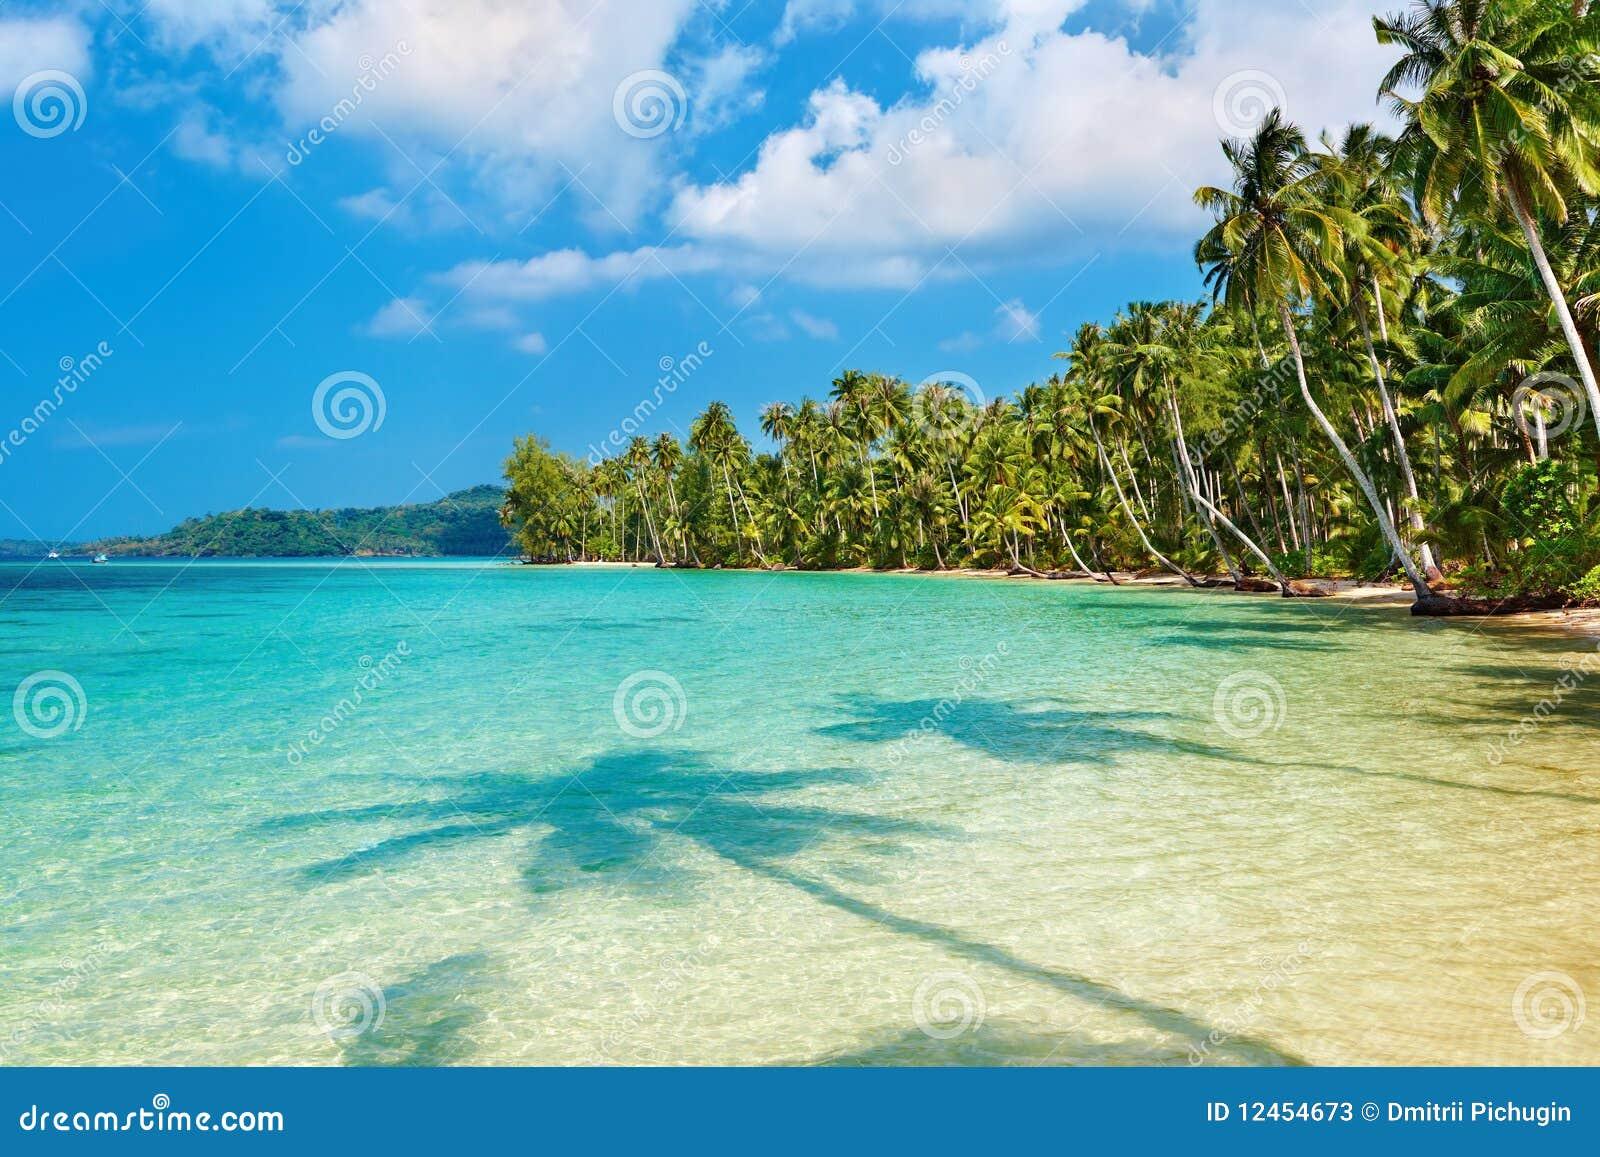 Palmas de coco na praia fotos de stock imagem 12454673 for Imagenes de coco